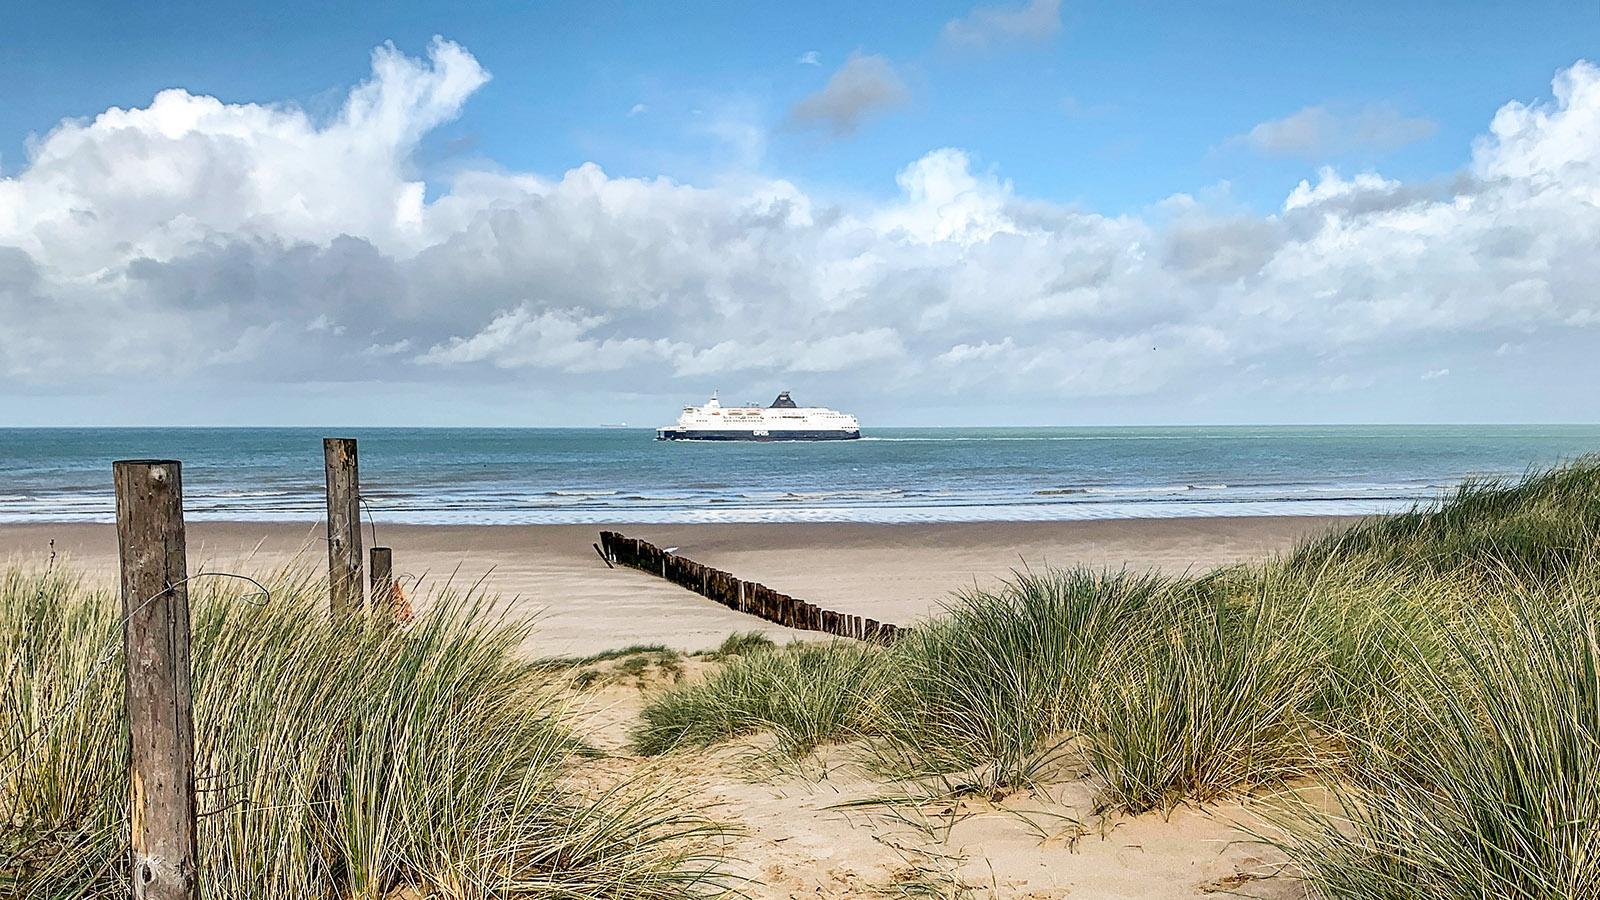 Opalküste: In Blériot-Plage schippern die Englandfähren in Sichtweite am Strand vorbei. Foto: Hilke Maunder